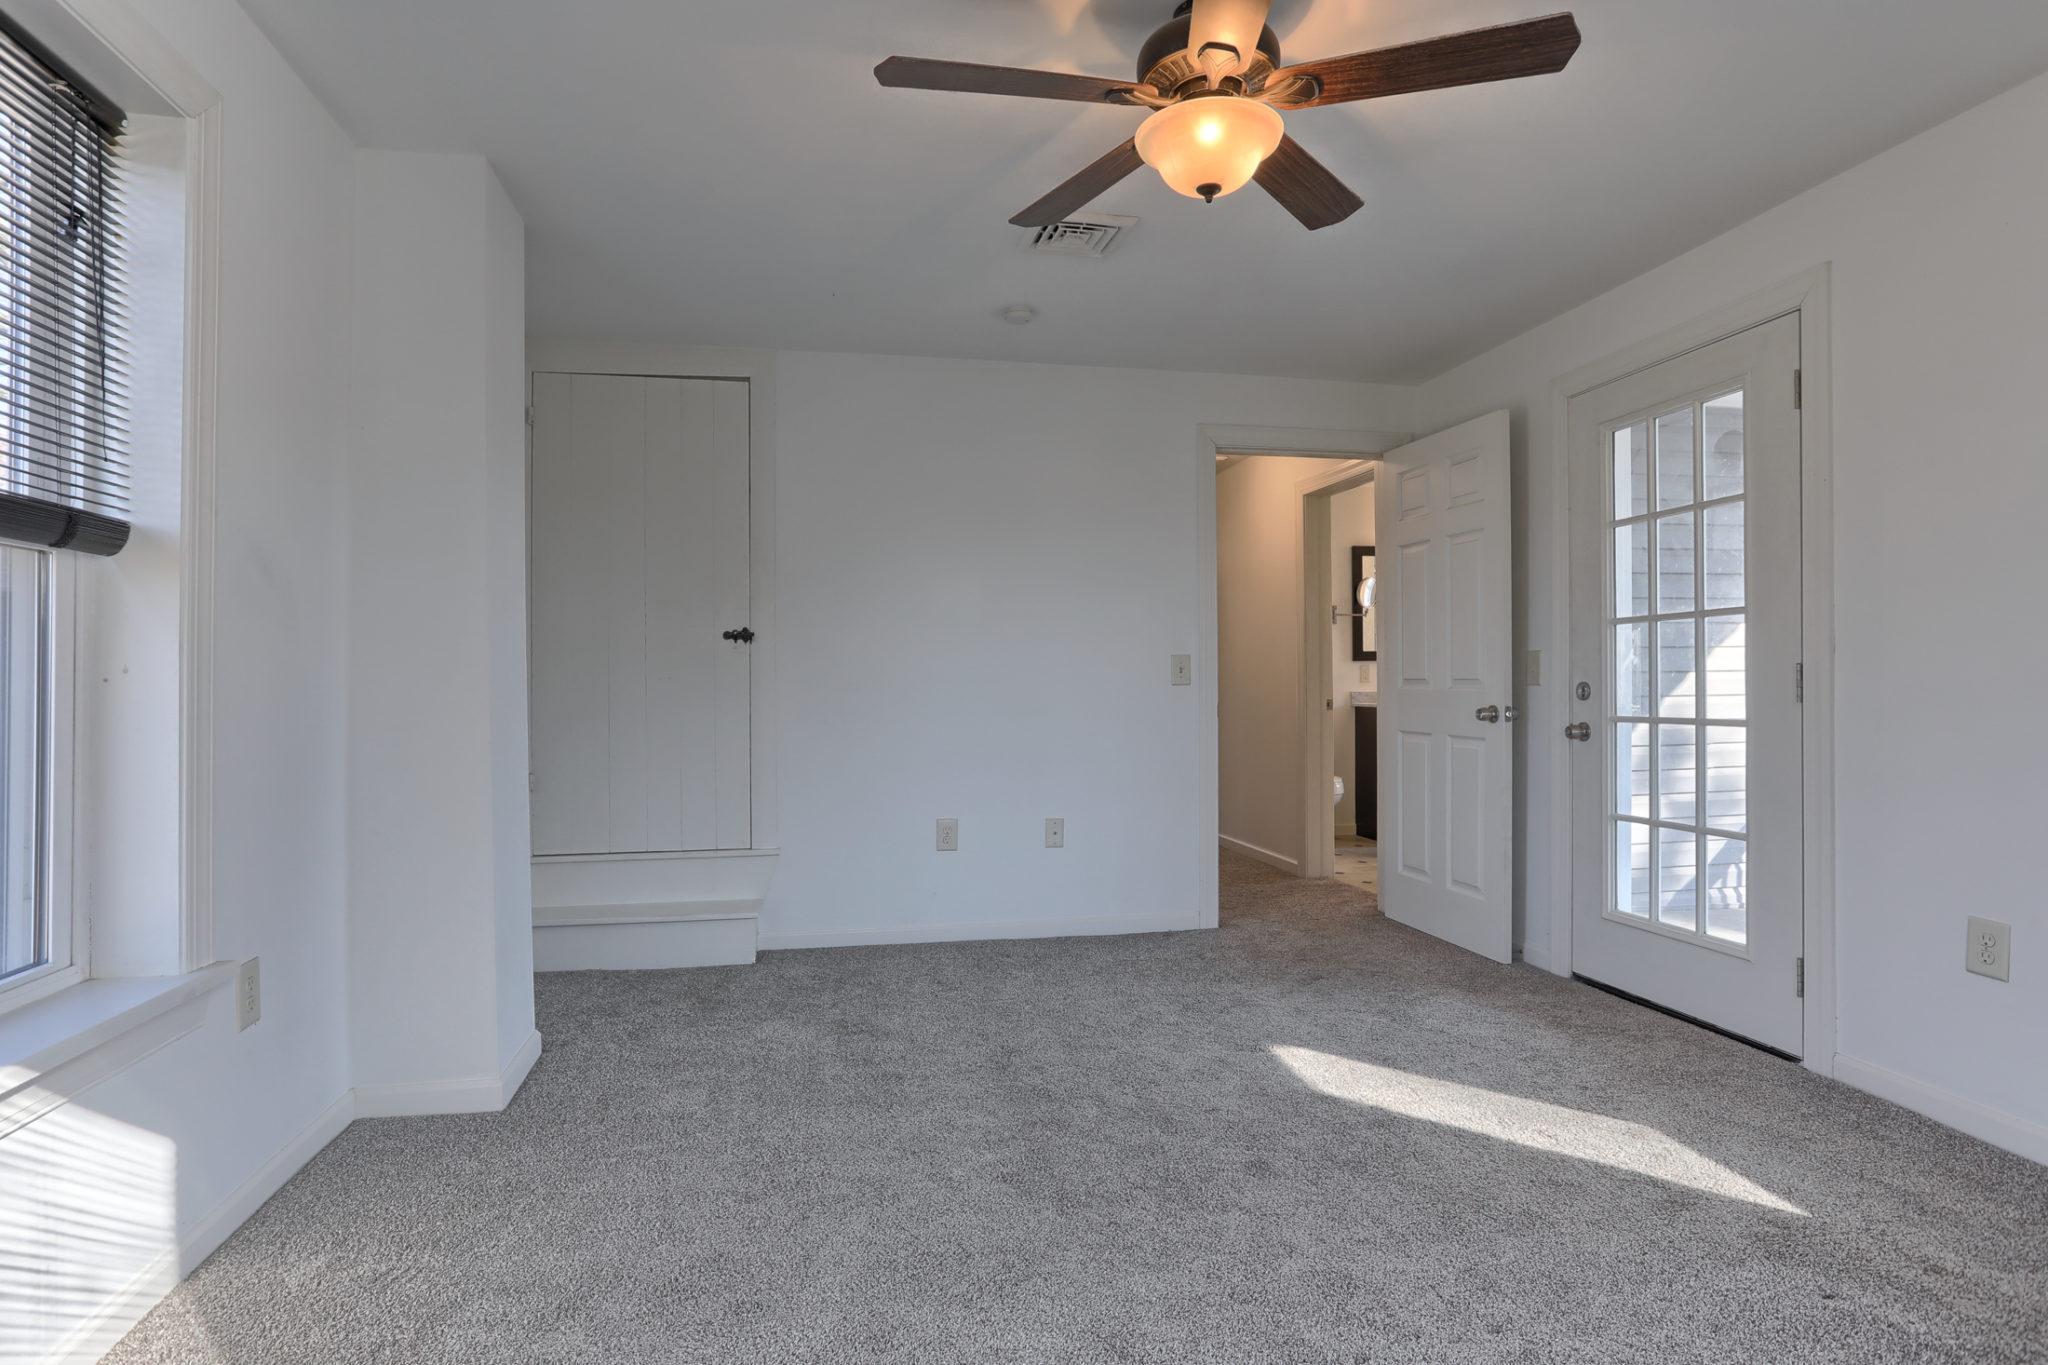 12 E. Center Ave. - Master Bedroom 2